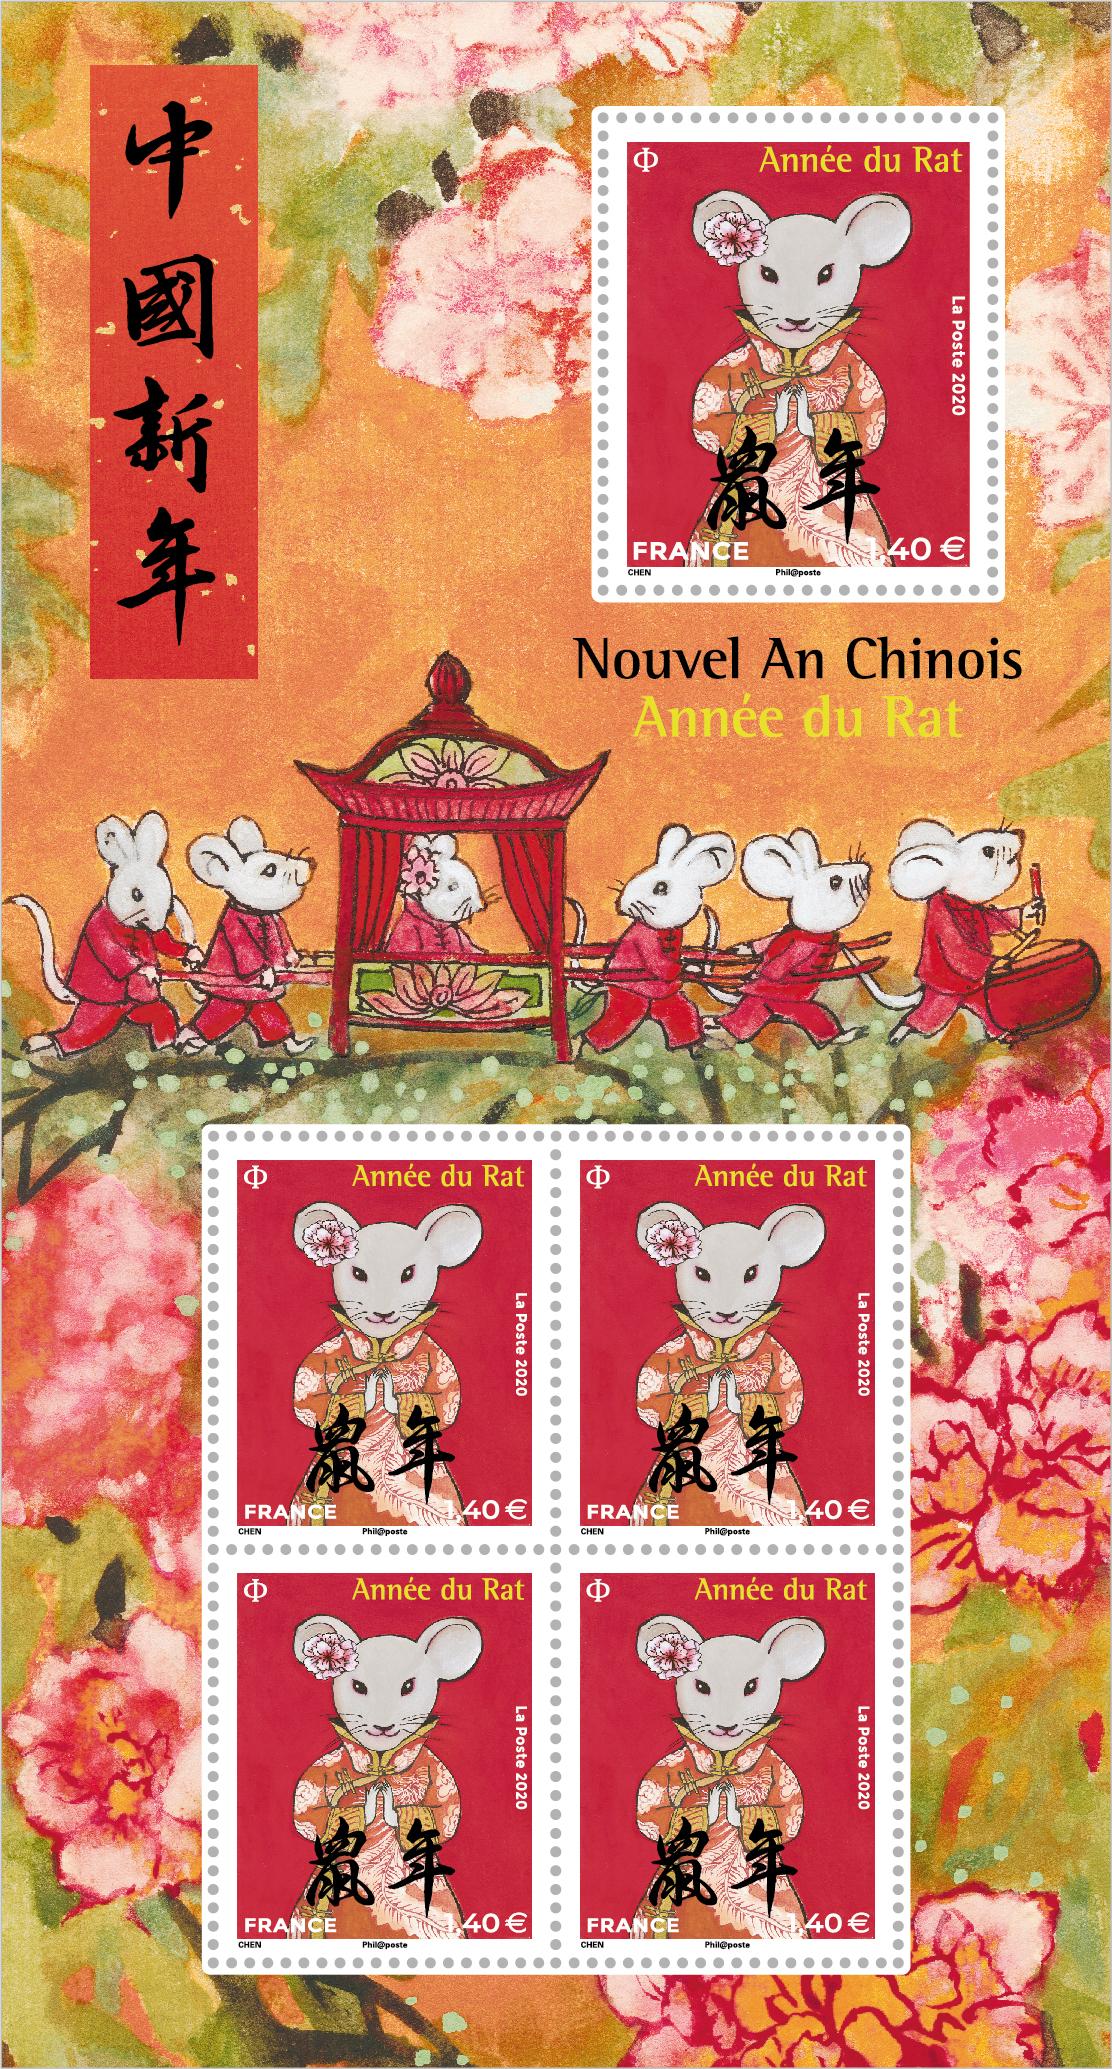 Nouvel An Chinois Année du Rat - Mariage